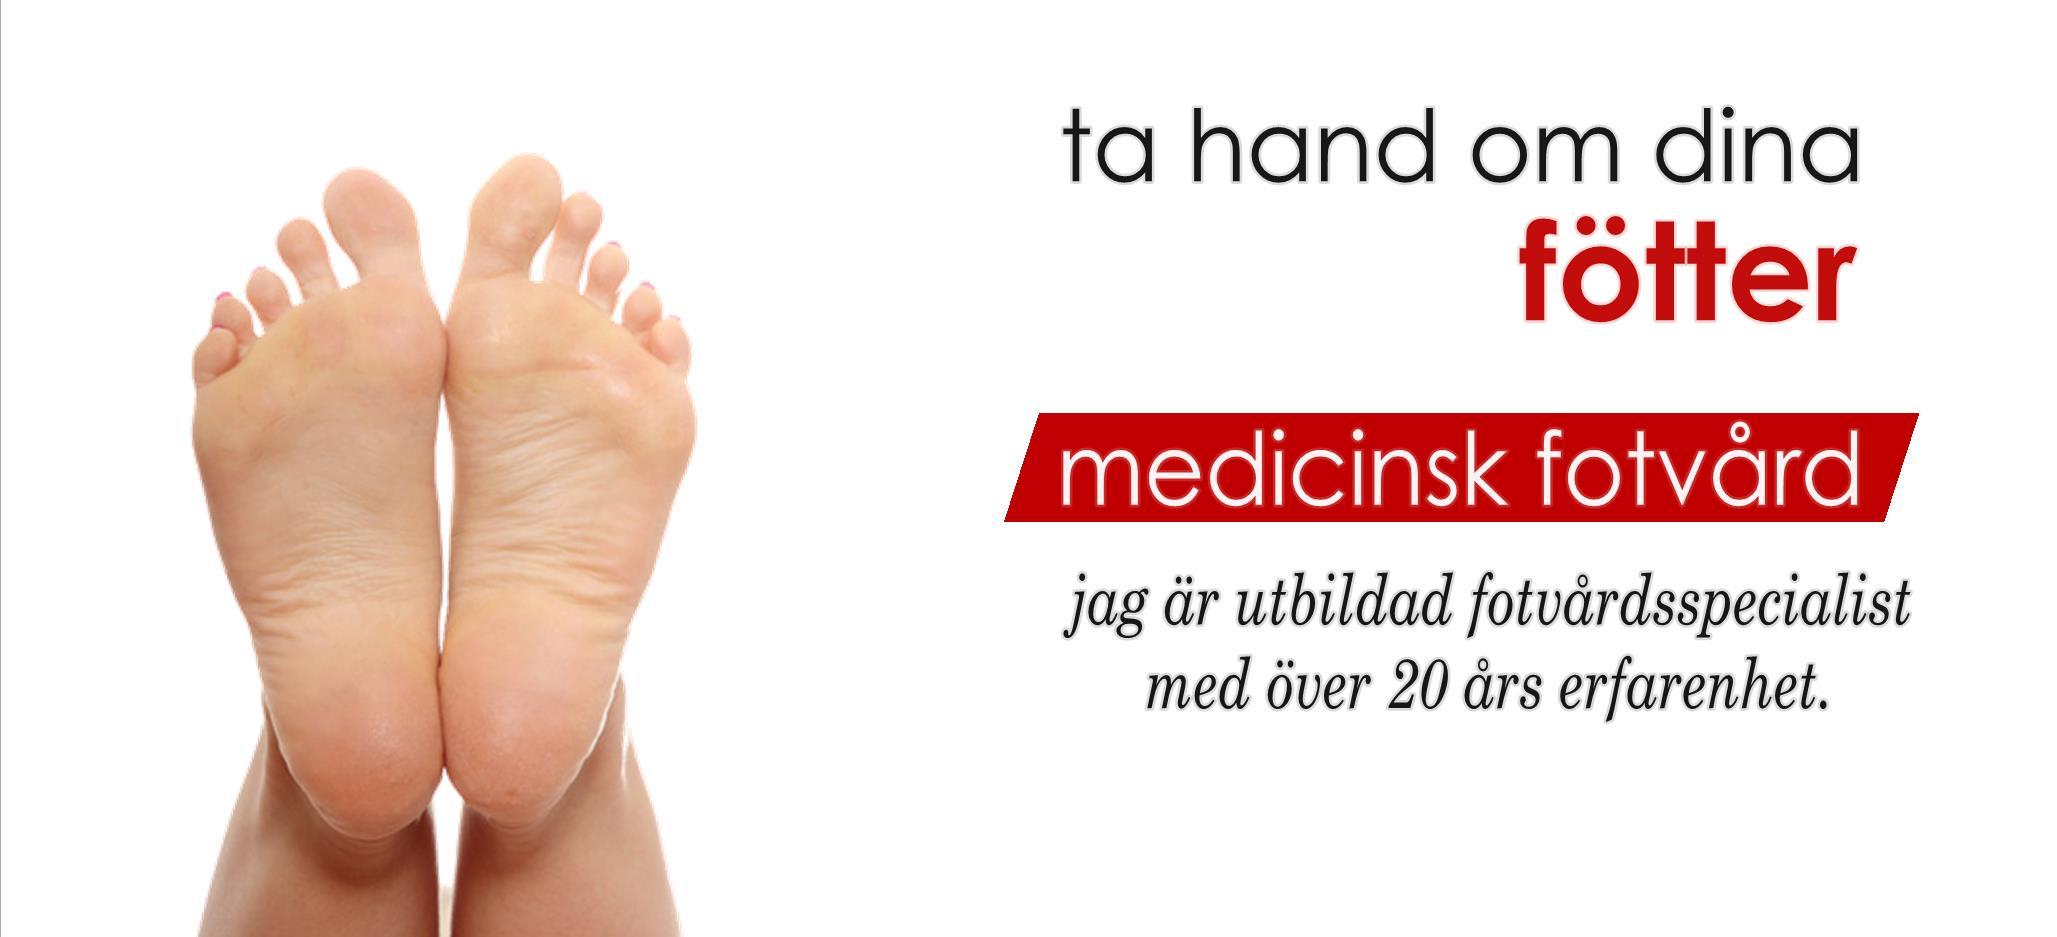 medicinsk fotvård lidköping